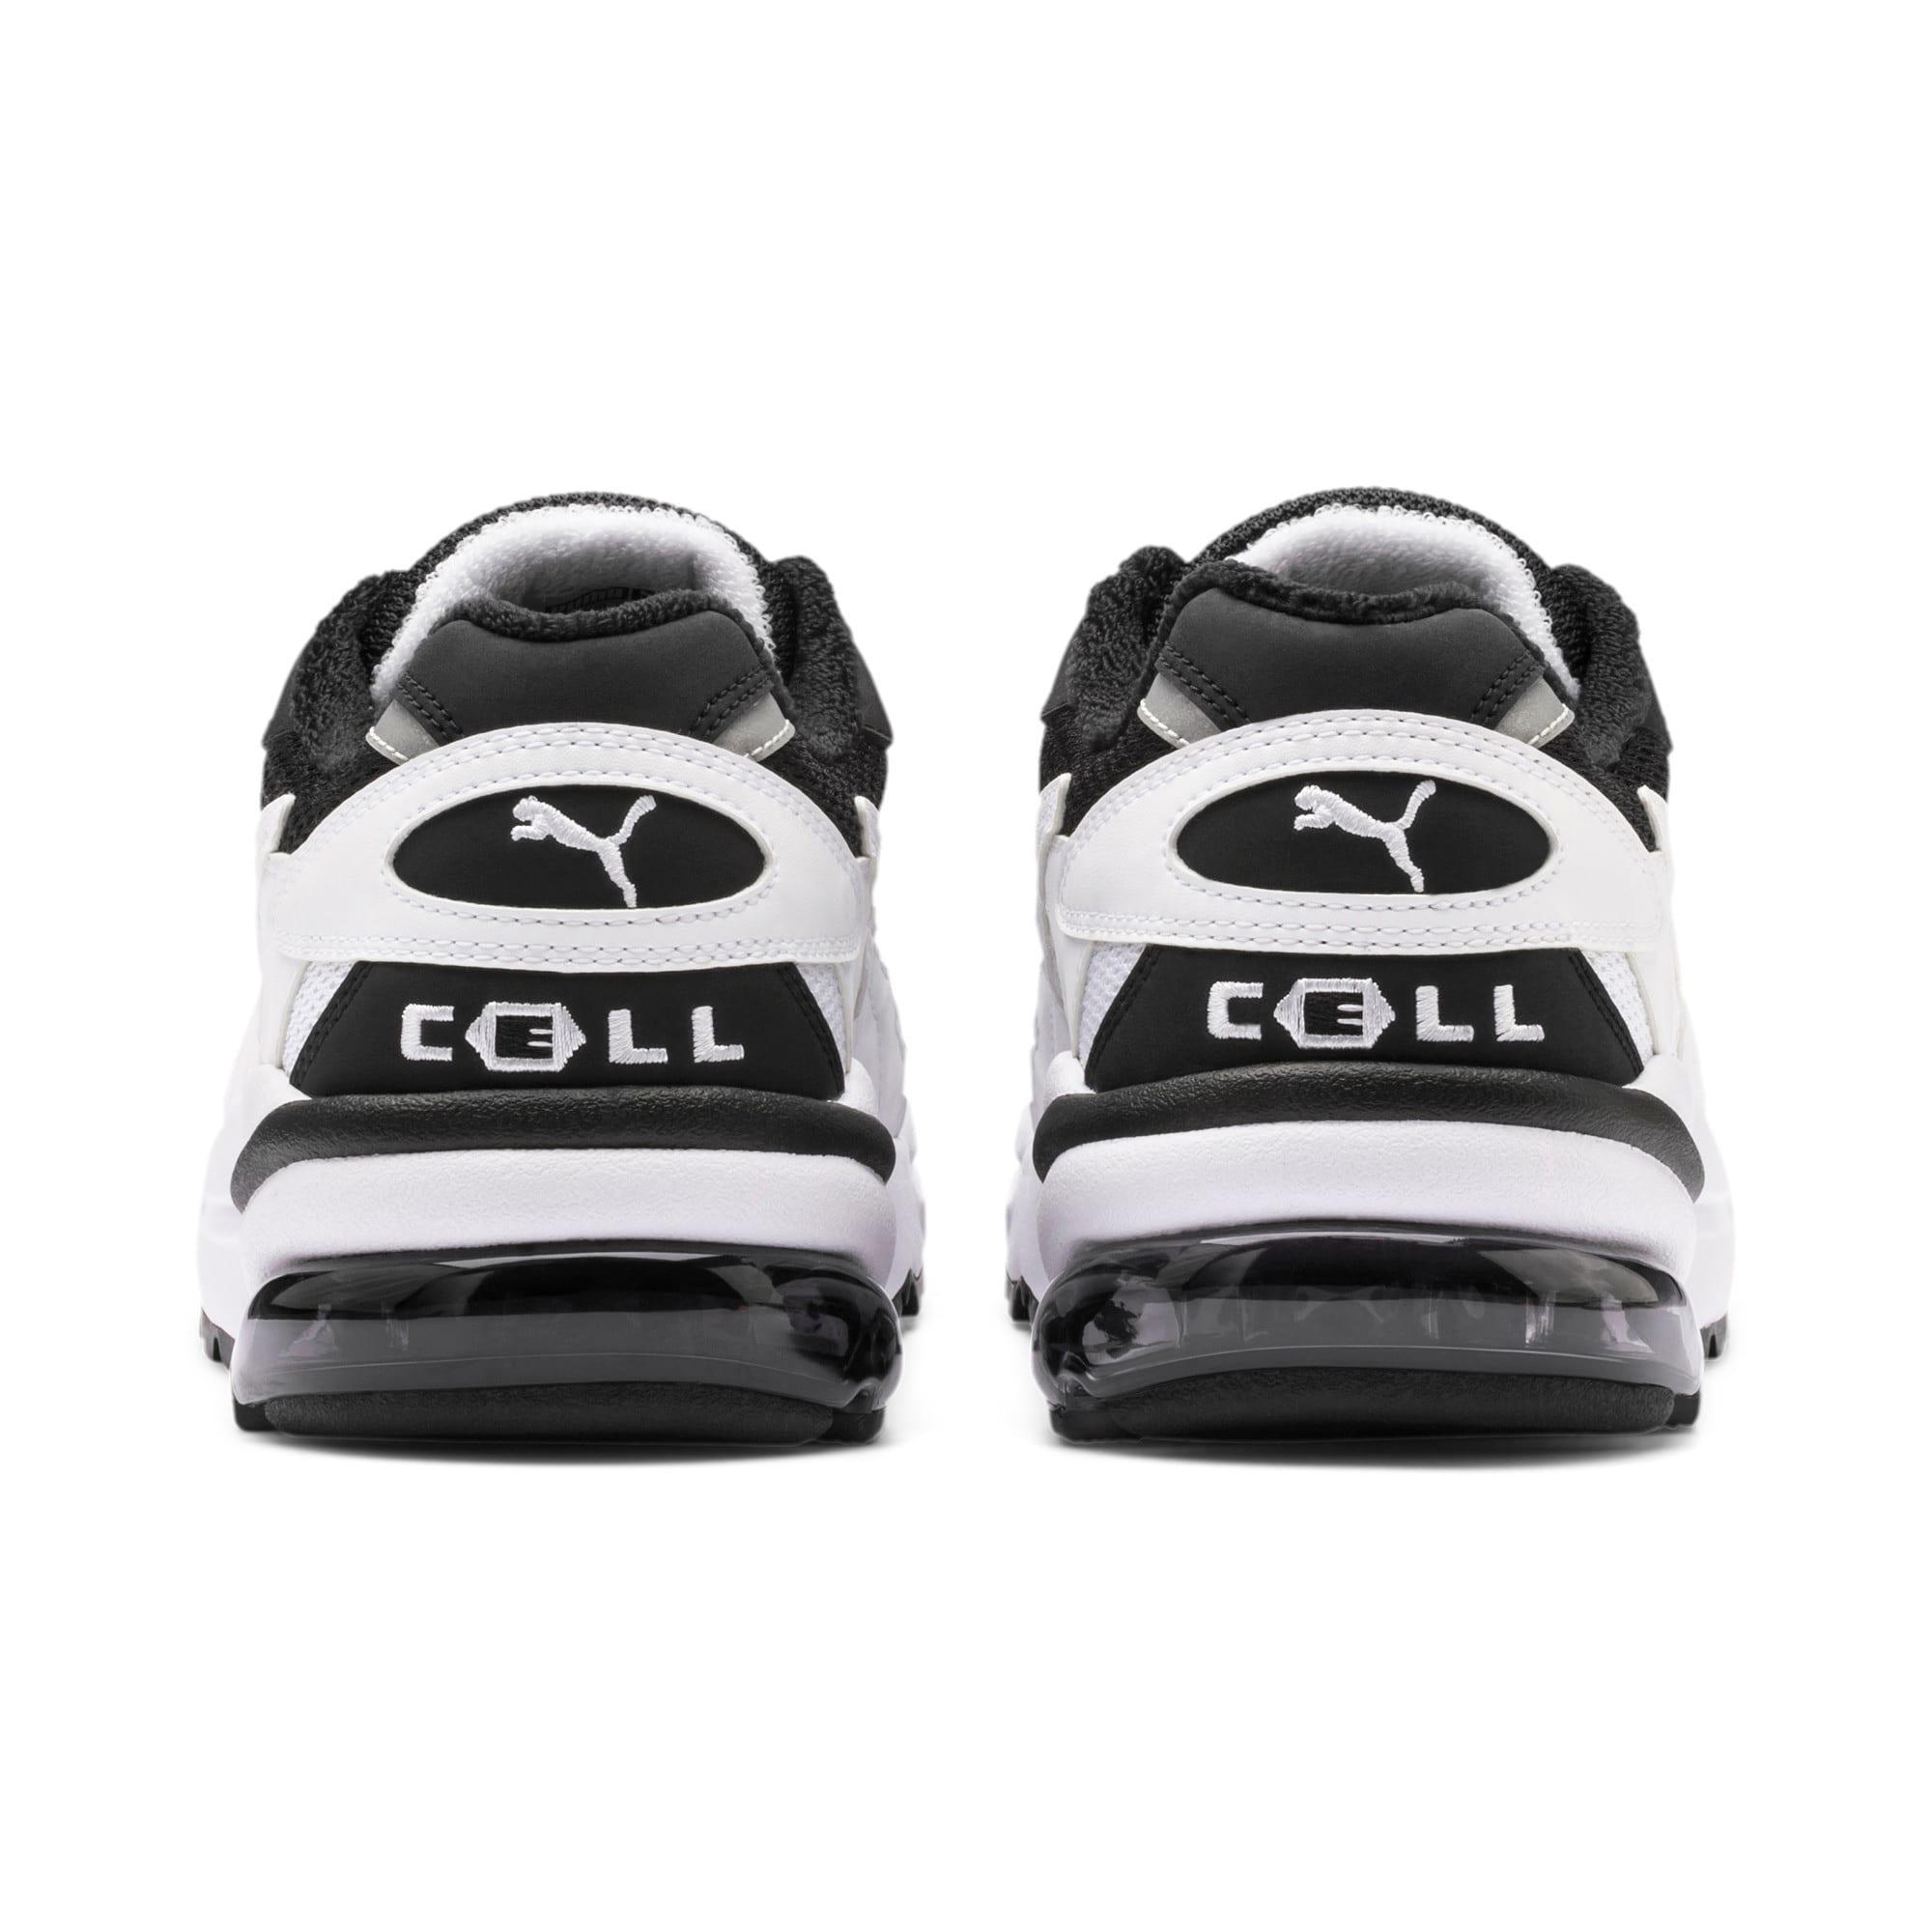 Thumbnail 4 of CELL Alien OG Sneakers, Puma Black-Puma White, medium